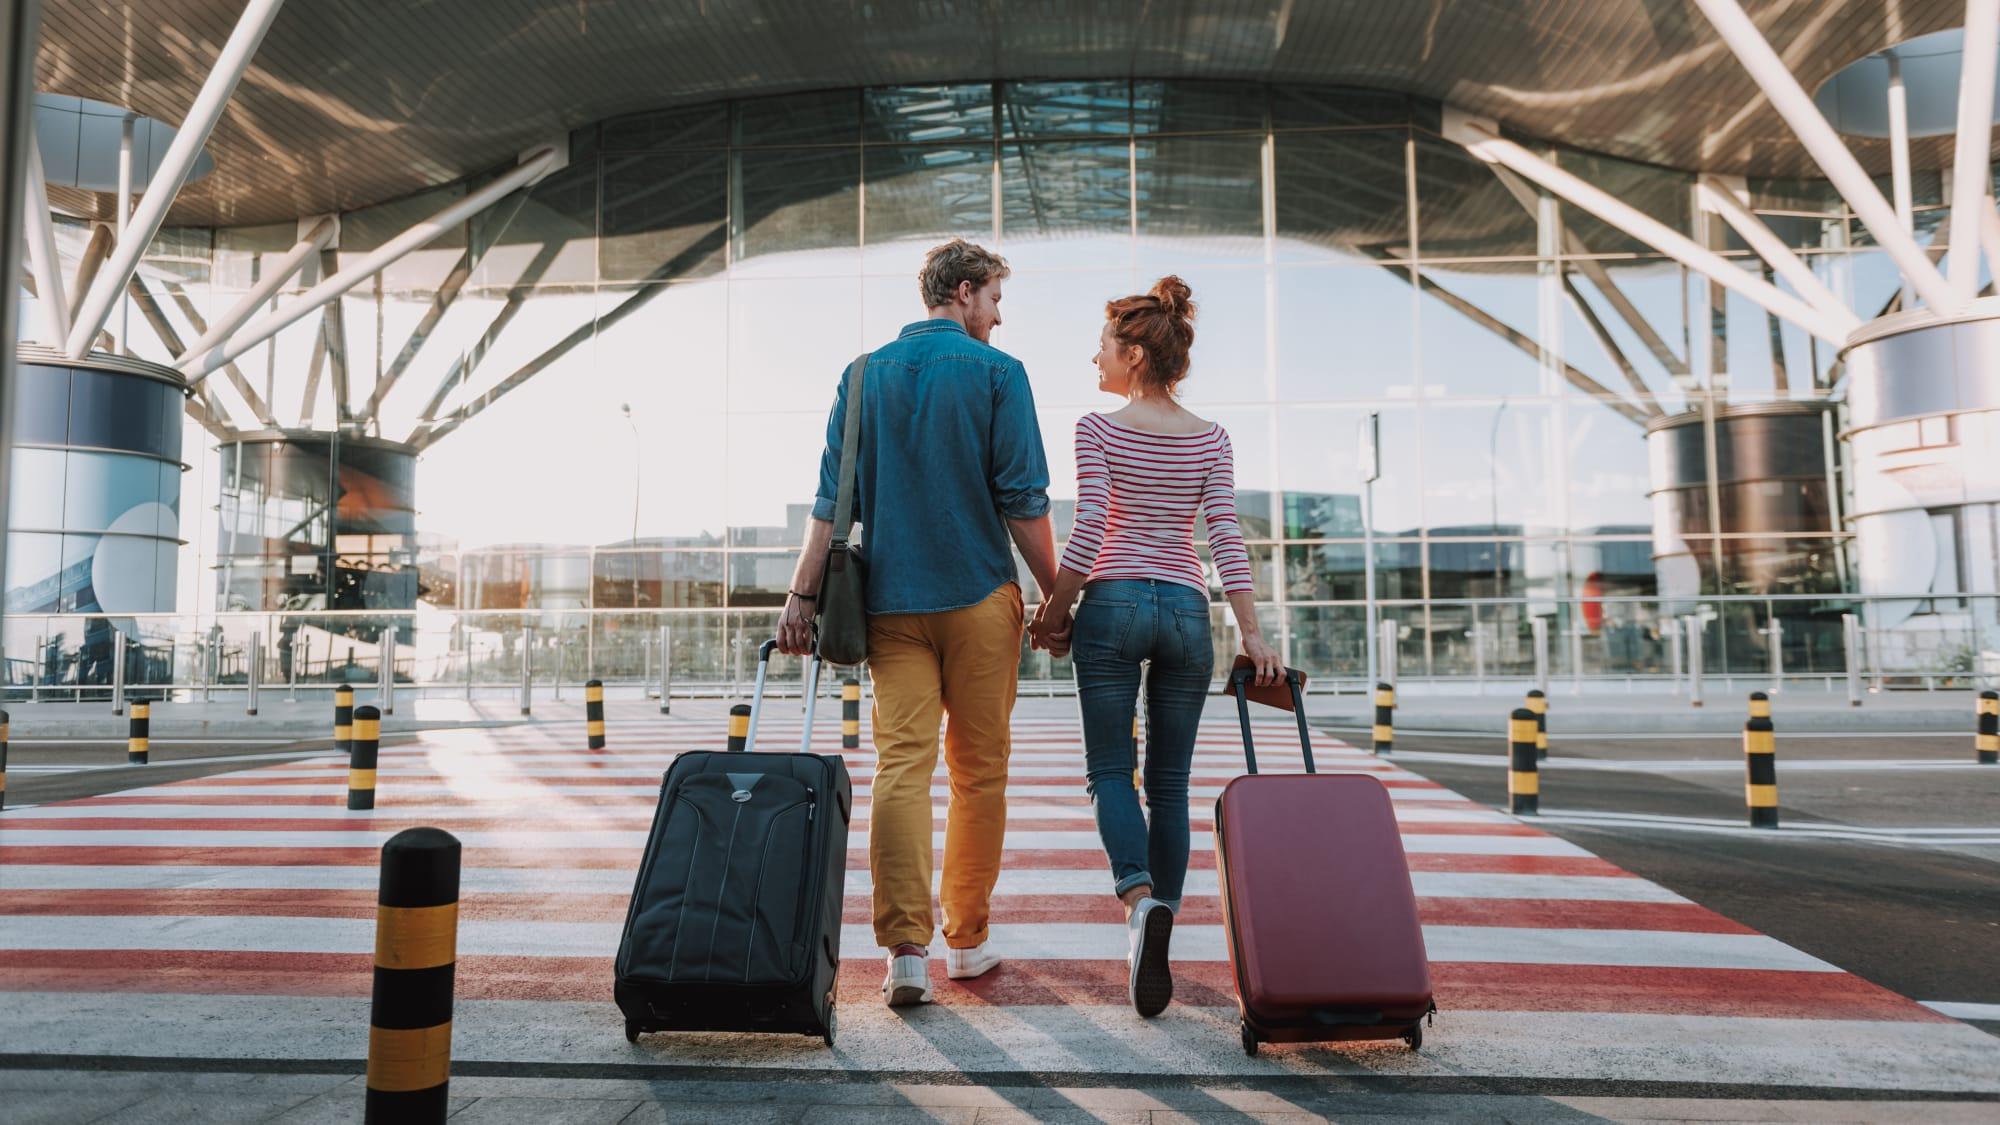 Paar geht mit ihren Koffern in einen Flughafen